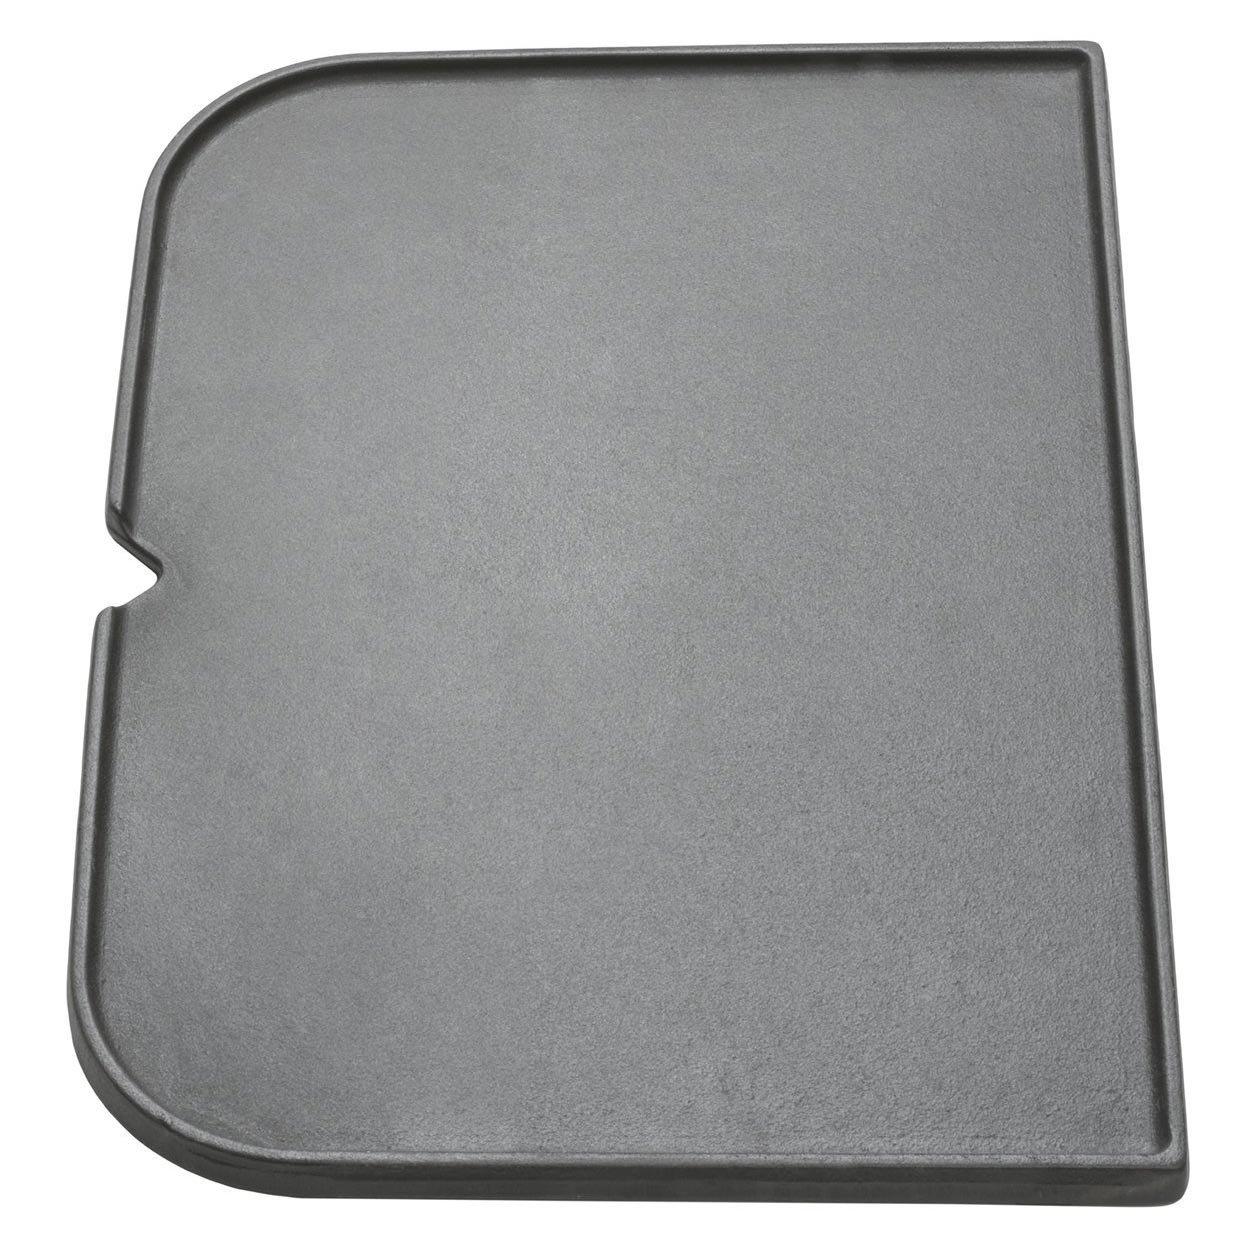 Everdure Furnace Freestanding Gas Grill Flat Plate (HBG3PLATELR)